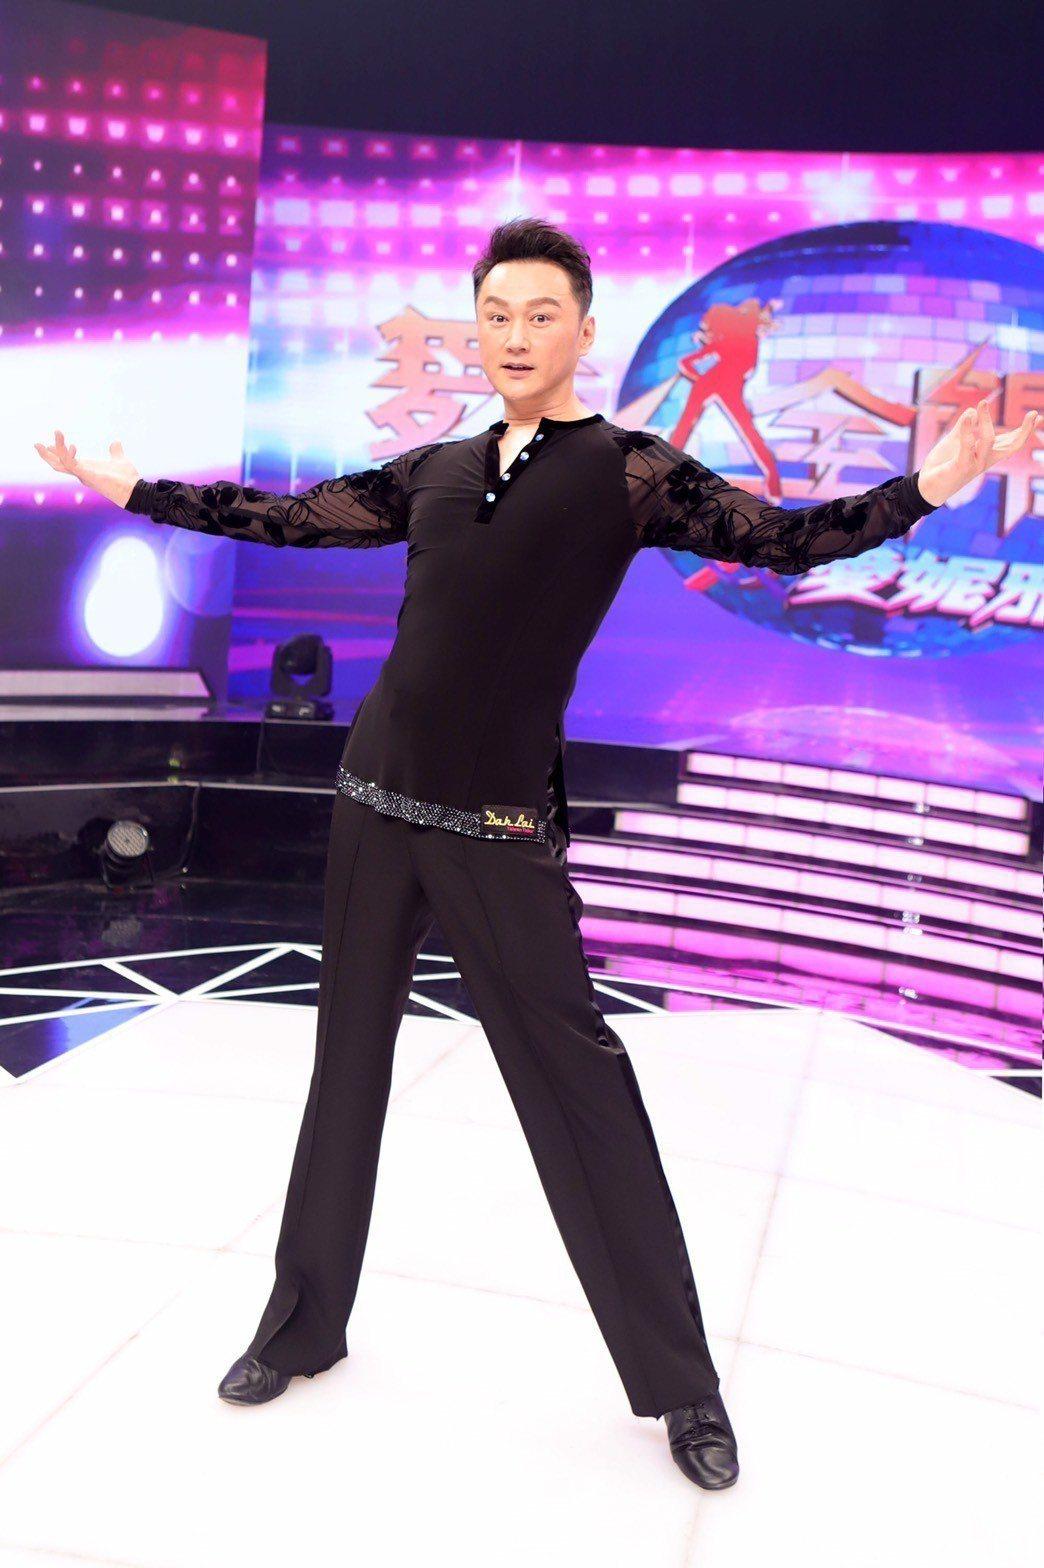 何篤霖因為參加「舞力全開」比賽,一個月竟瘦下5公斤,原來節目給他的壓力這麼大。圖...